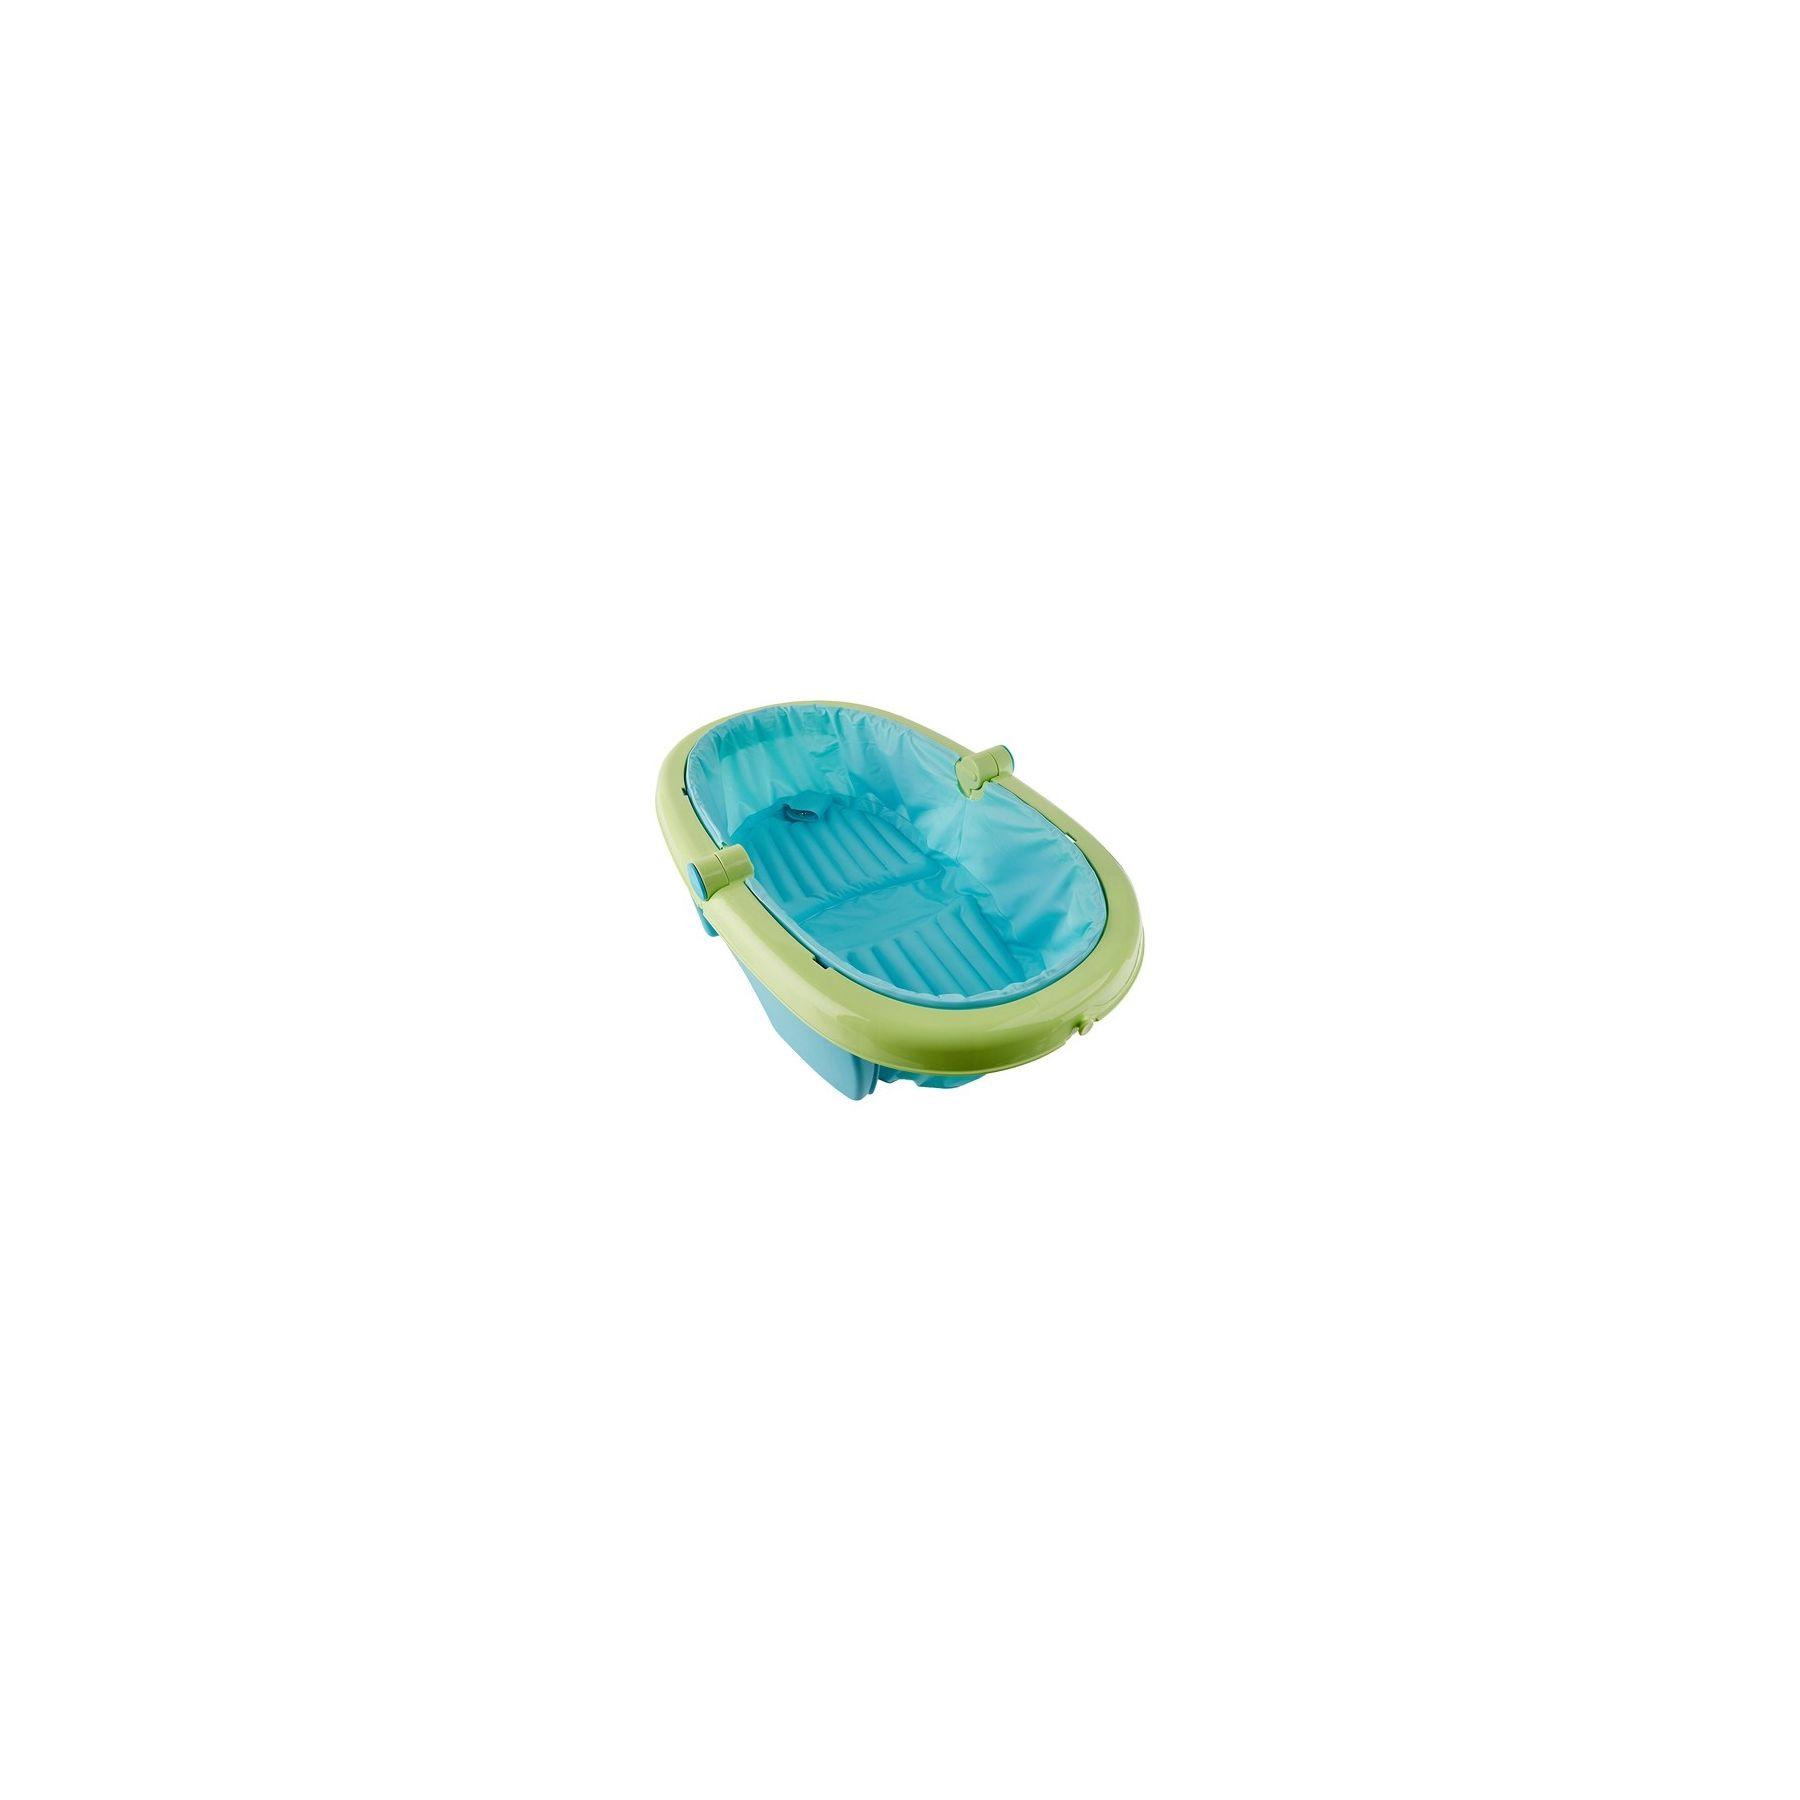 Baignoire Bebe Pliable Et Portable Bleu Et Vert Summer Infant